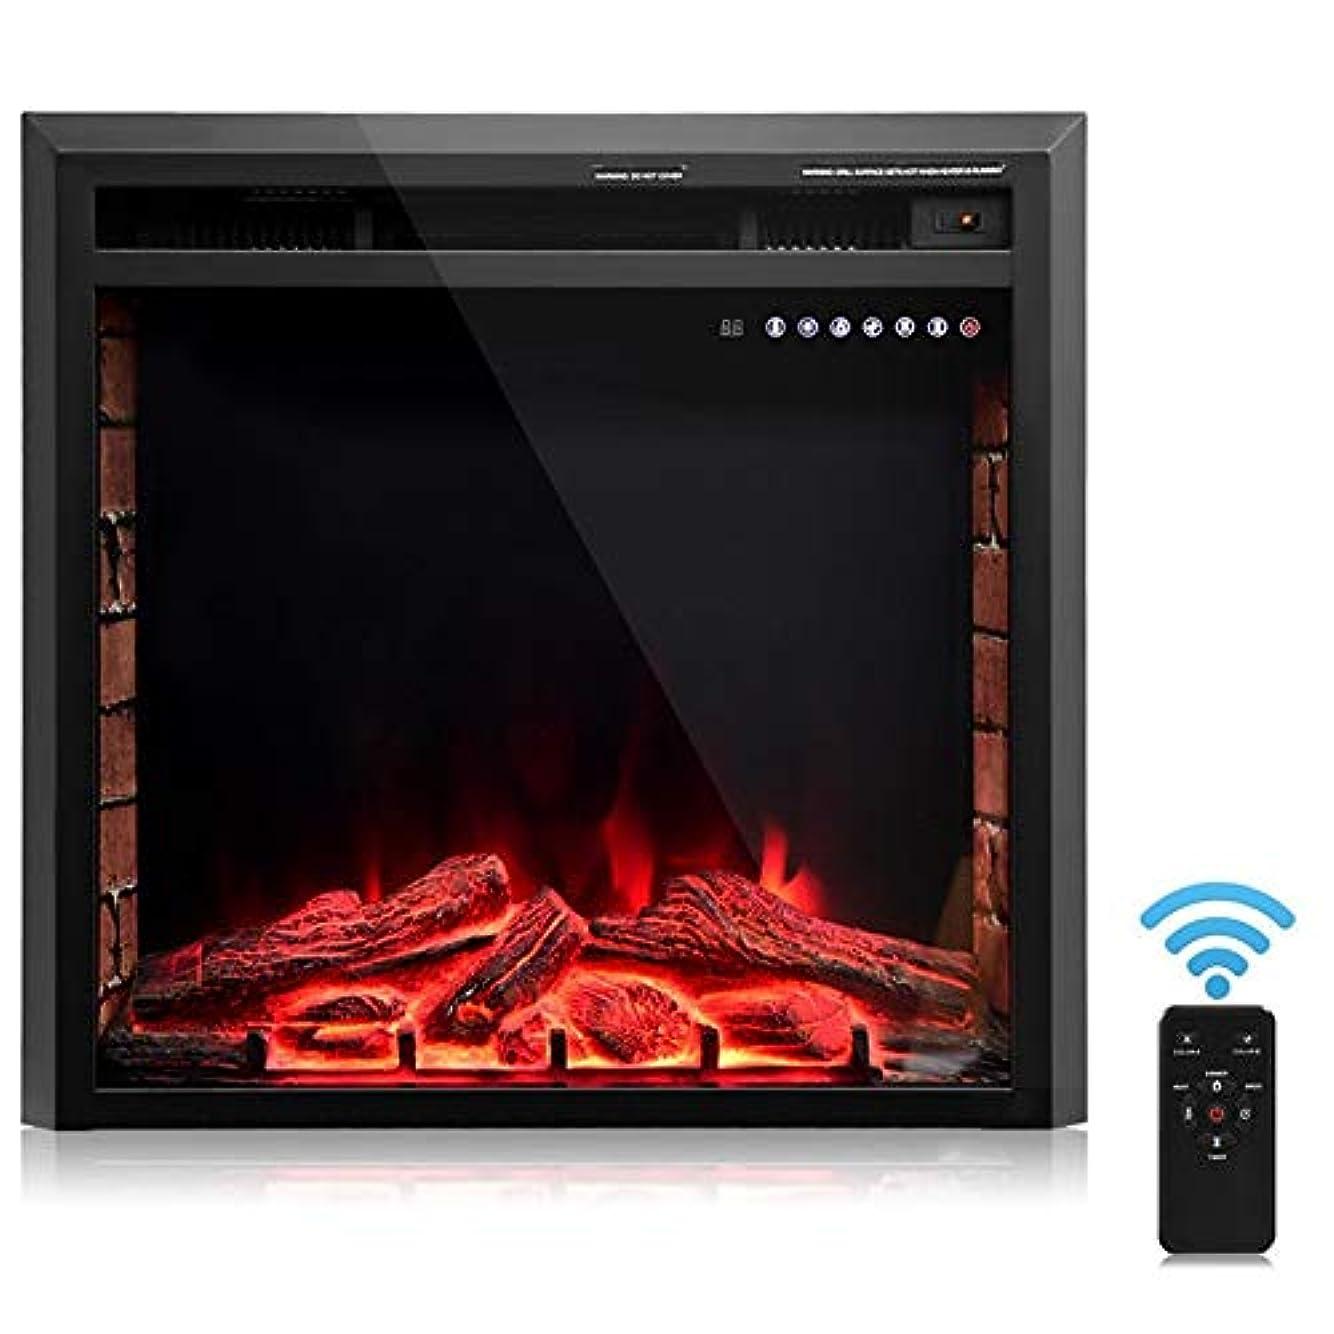 捨てる文明バッチ750W-1500W暖炉電気組み込み、ホームオフィス組み込み暖炉、過熱保護、ポータブルヒーター、高速加熱、低ノイズヒーター